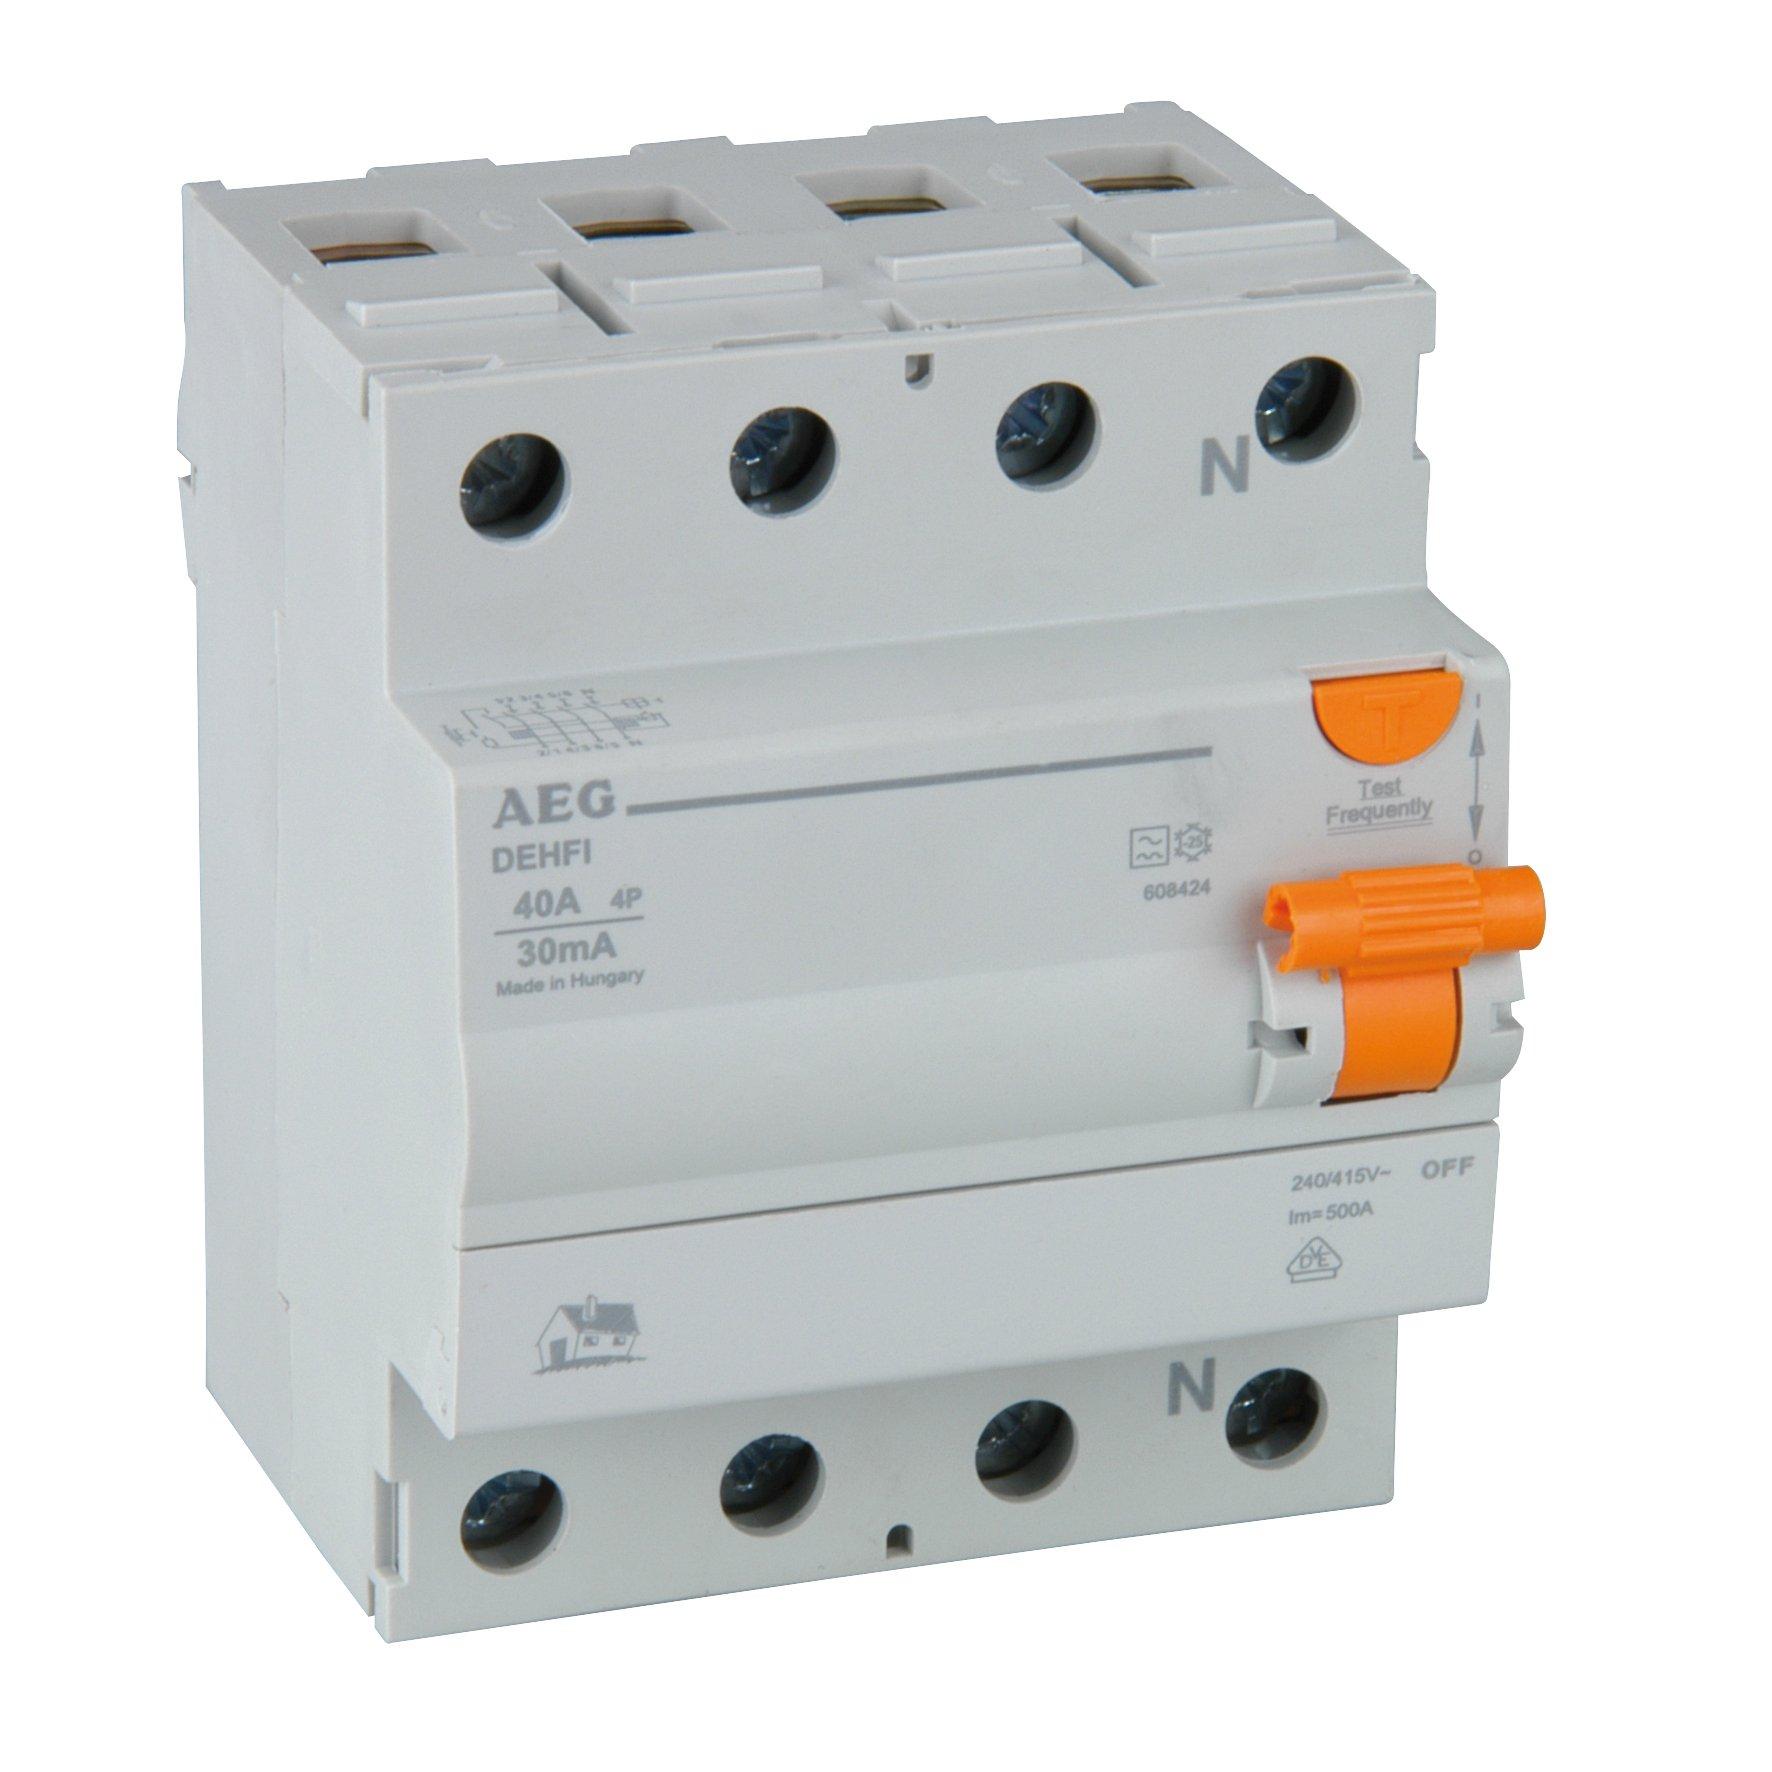 AEG 40271 Disjoncteur différentiel 4 pôles 40 A 30 mA